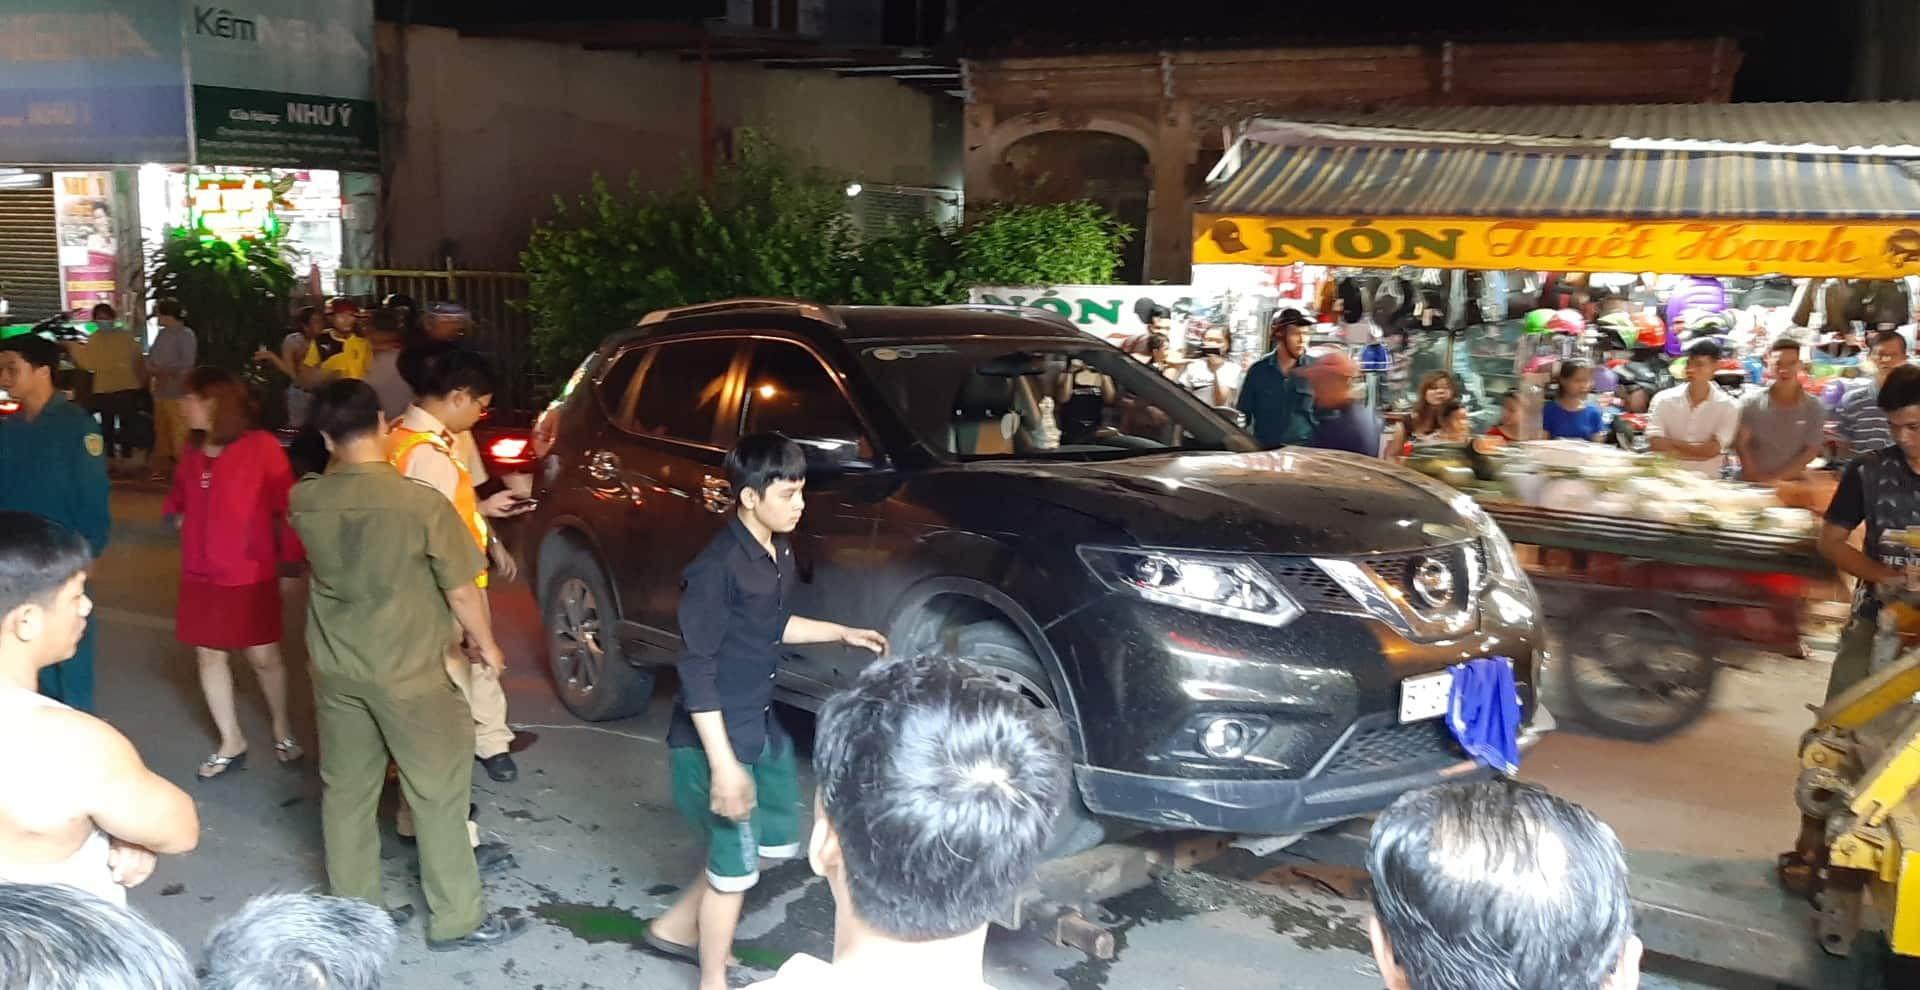 TP.HCM: Ô tô điên cuốn hàng loạt xe máy vào gầm, 4 người bị thương trong đó có trẻ em - Ảnh 1.